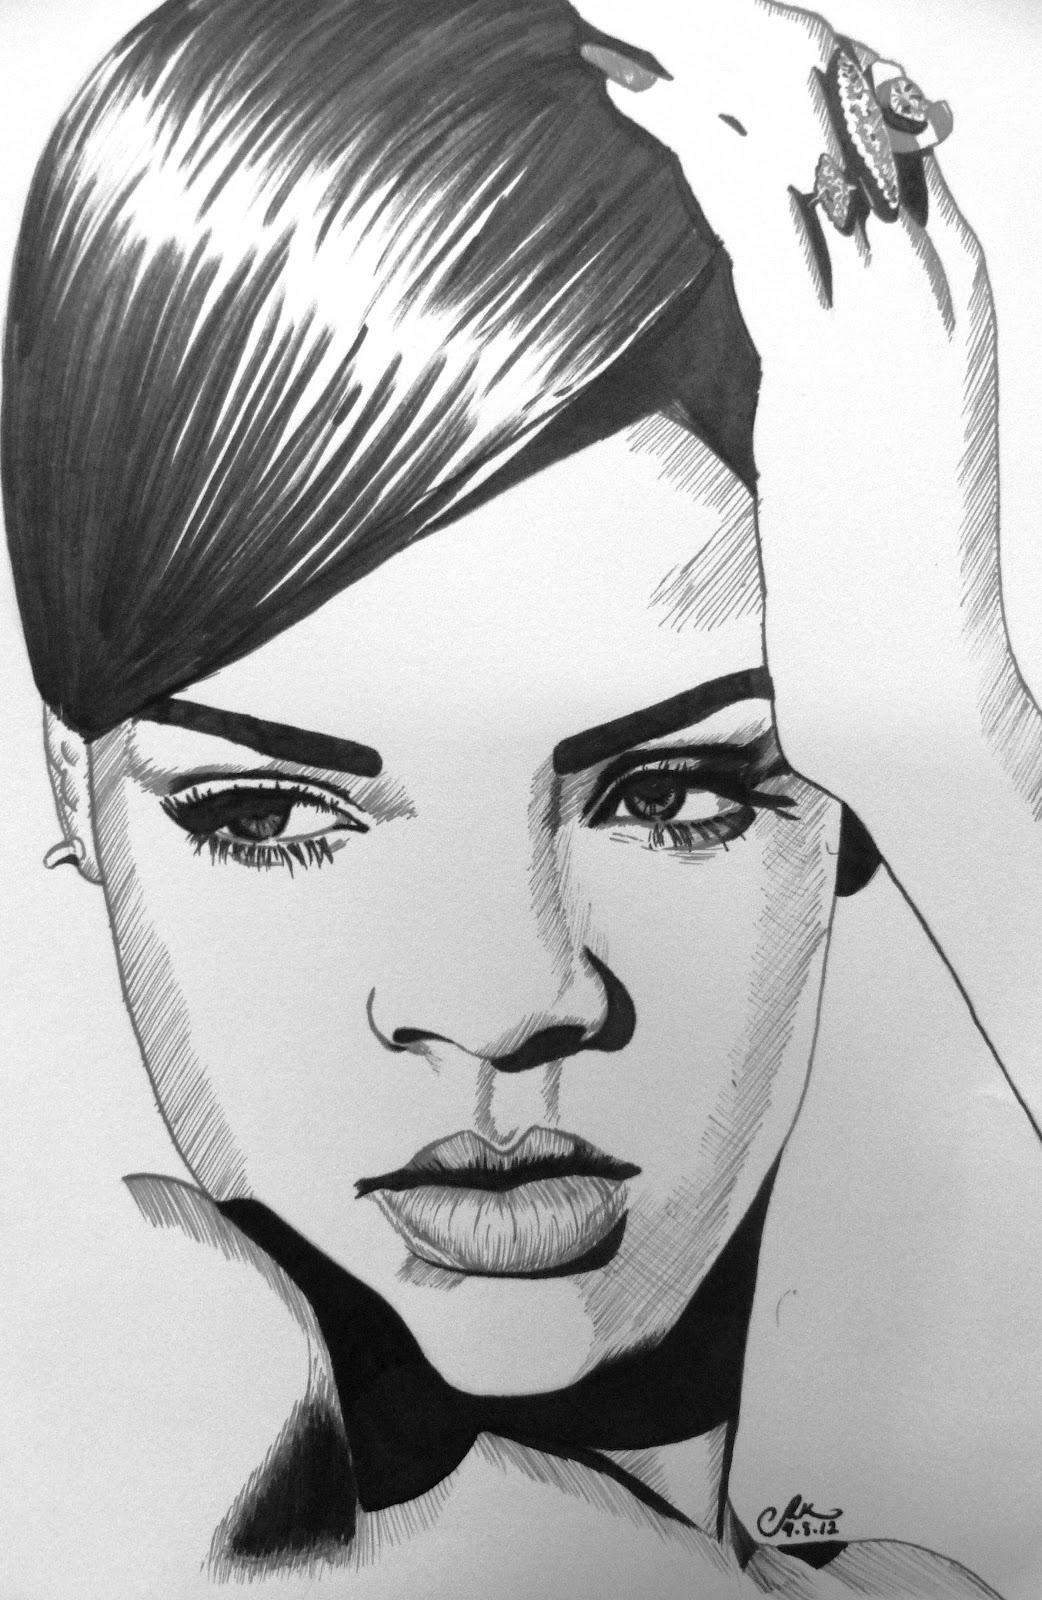 http://2.bp.blogspot.com/-gHMOrRDtWQY/UB4fxkTzrII/AAAAAAAAAVI/R0EI64JSnhg/s1600/Rihanna+Marker.JPG